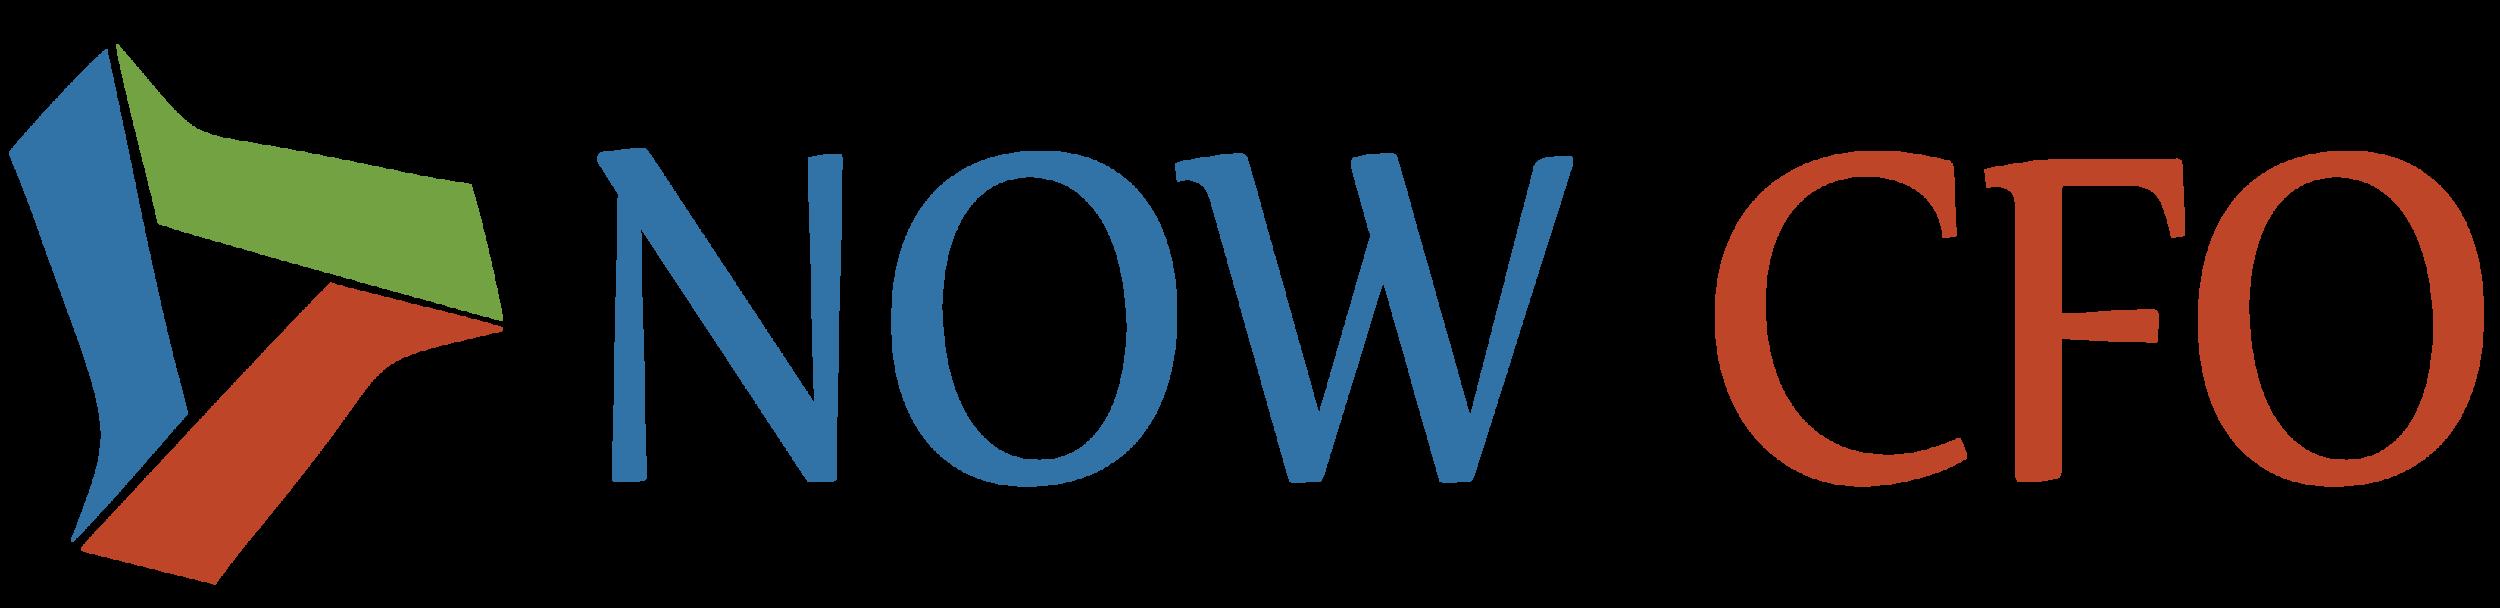 NowCFO_Logo.png